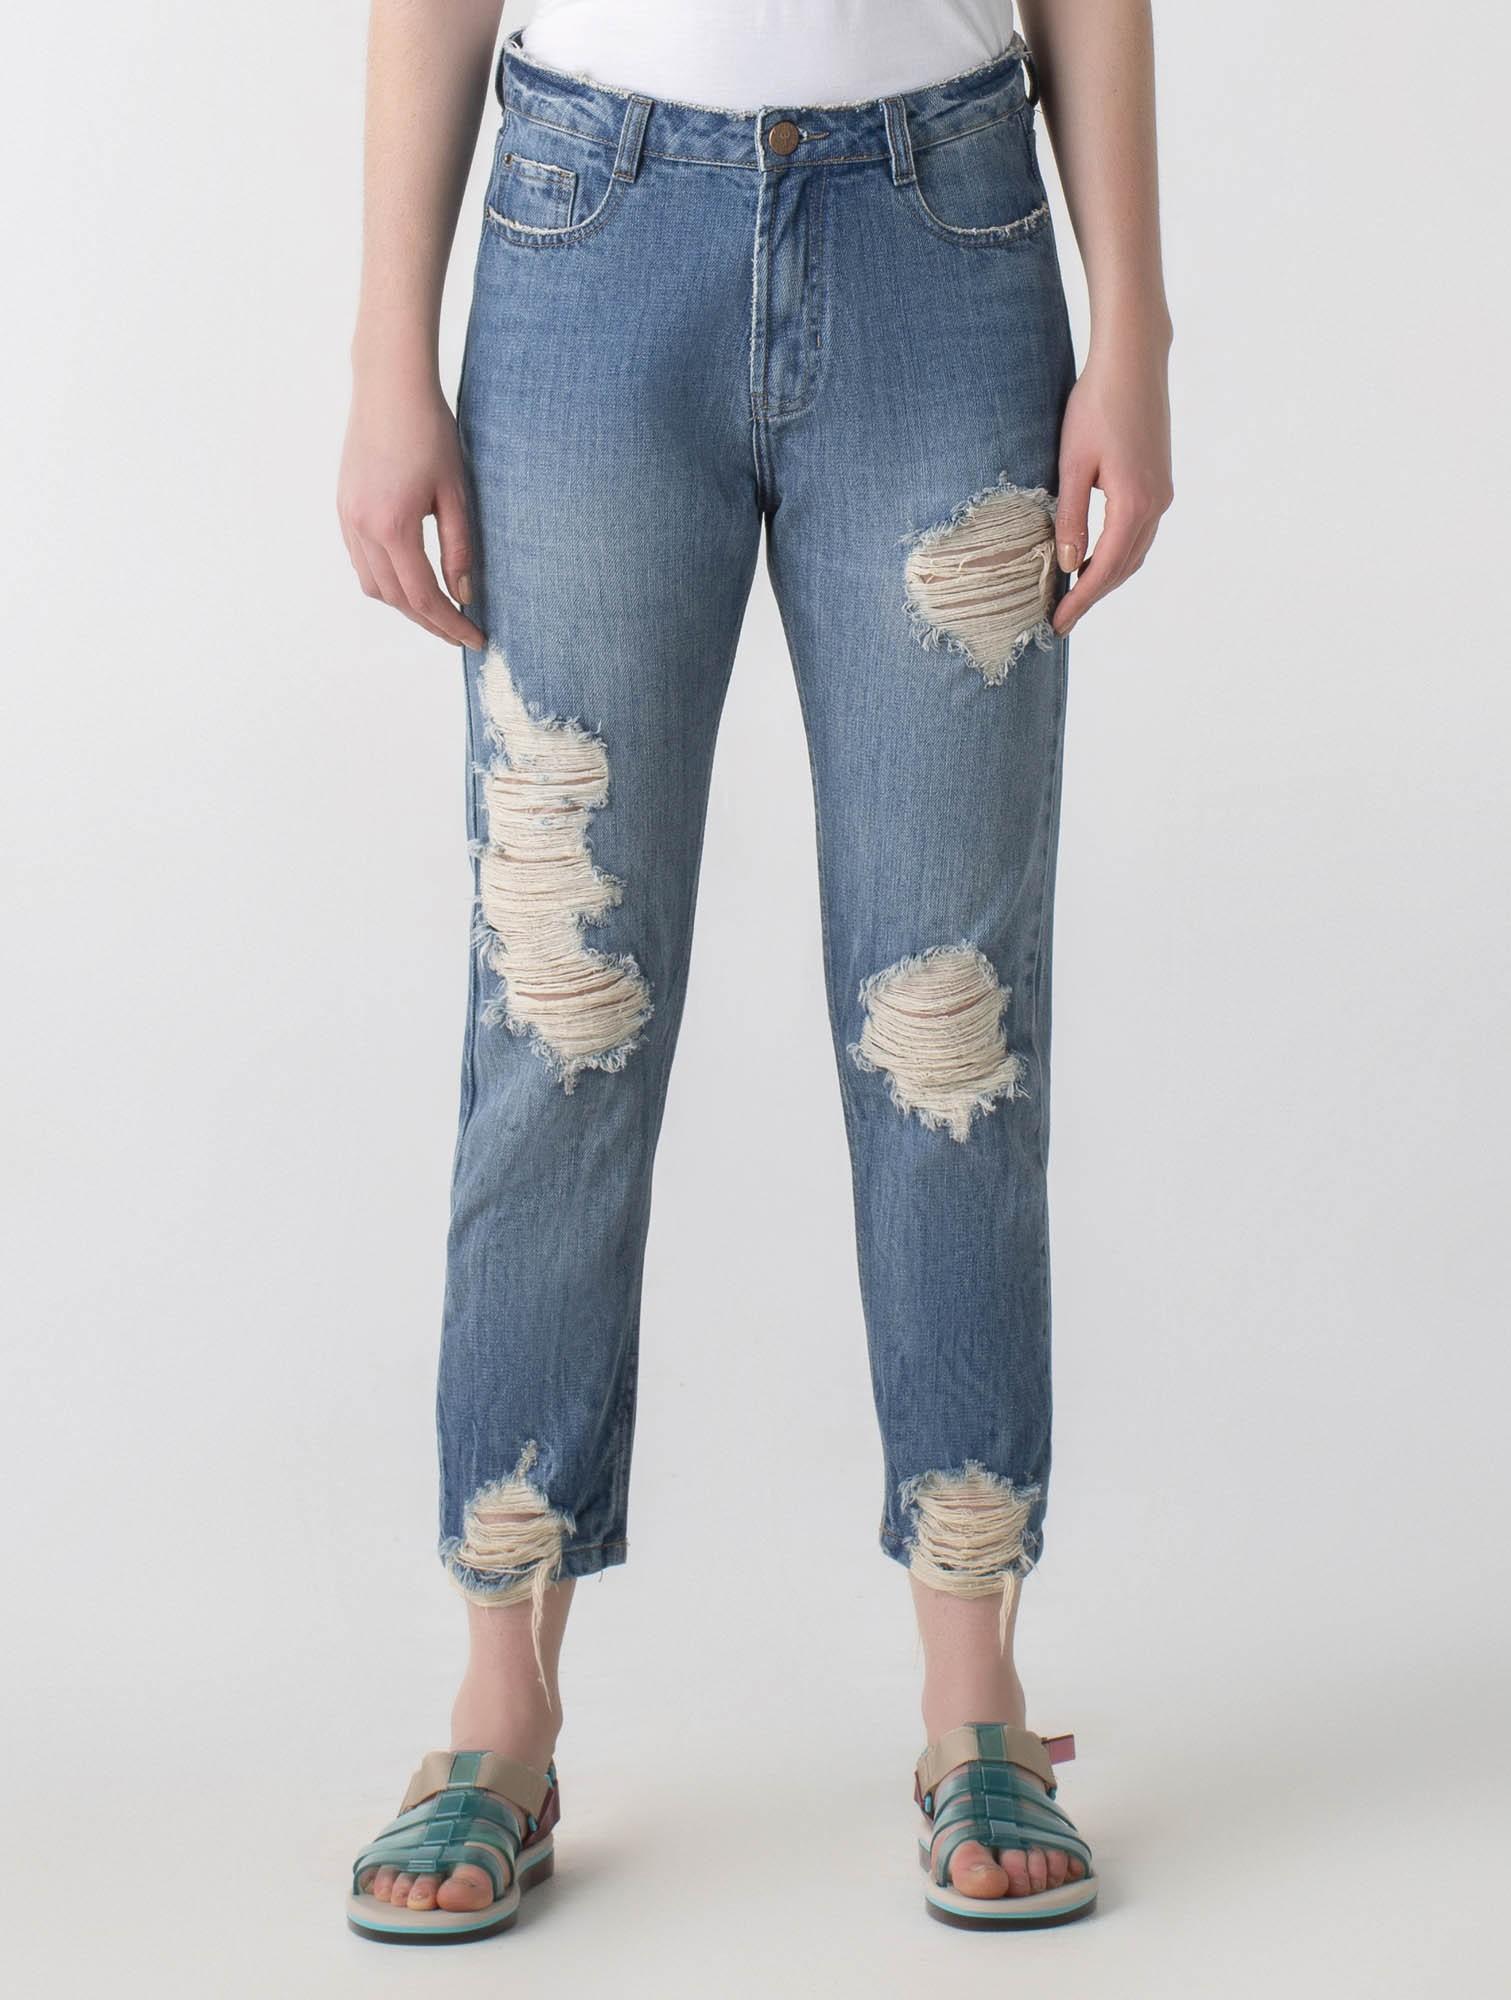 Calça jeans reta cós alto - Wave